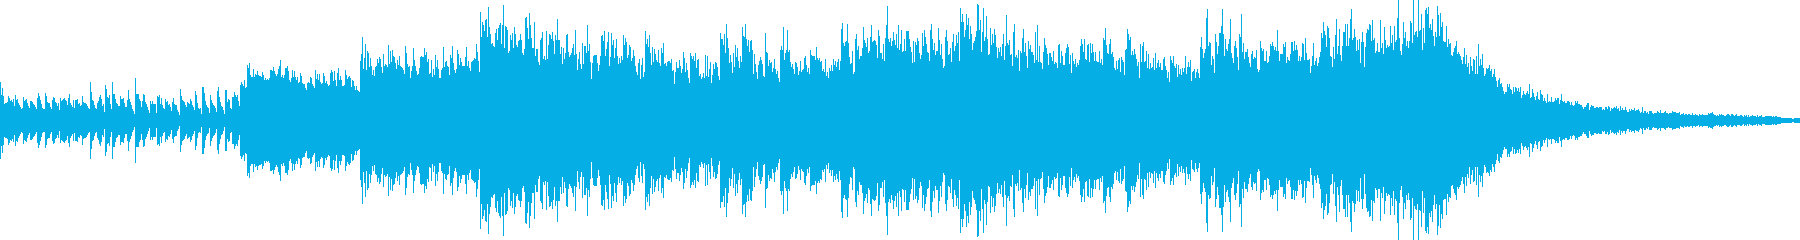 電気楽器。高速アクション追跡興奮の危険。の再生済みの波形